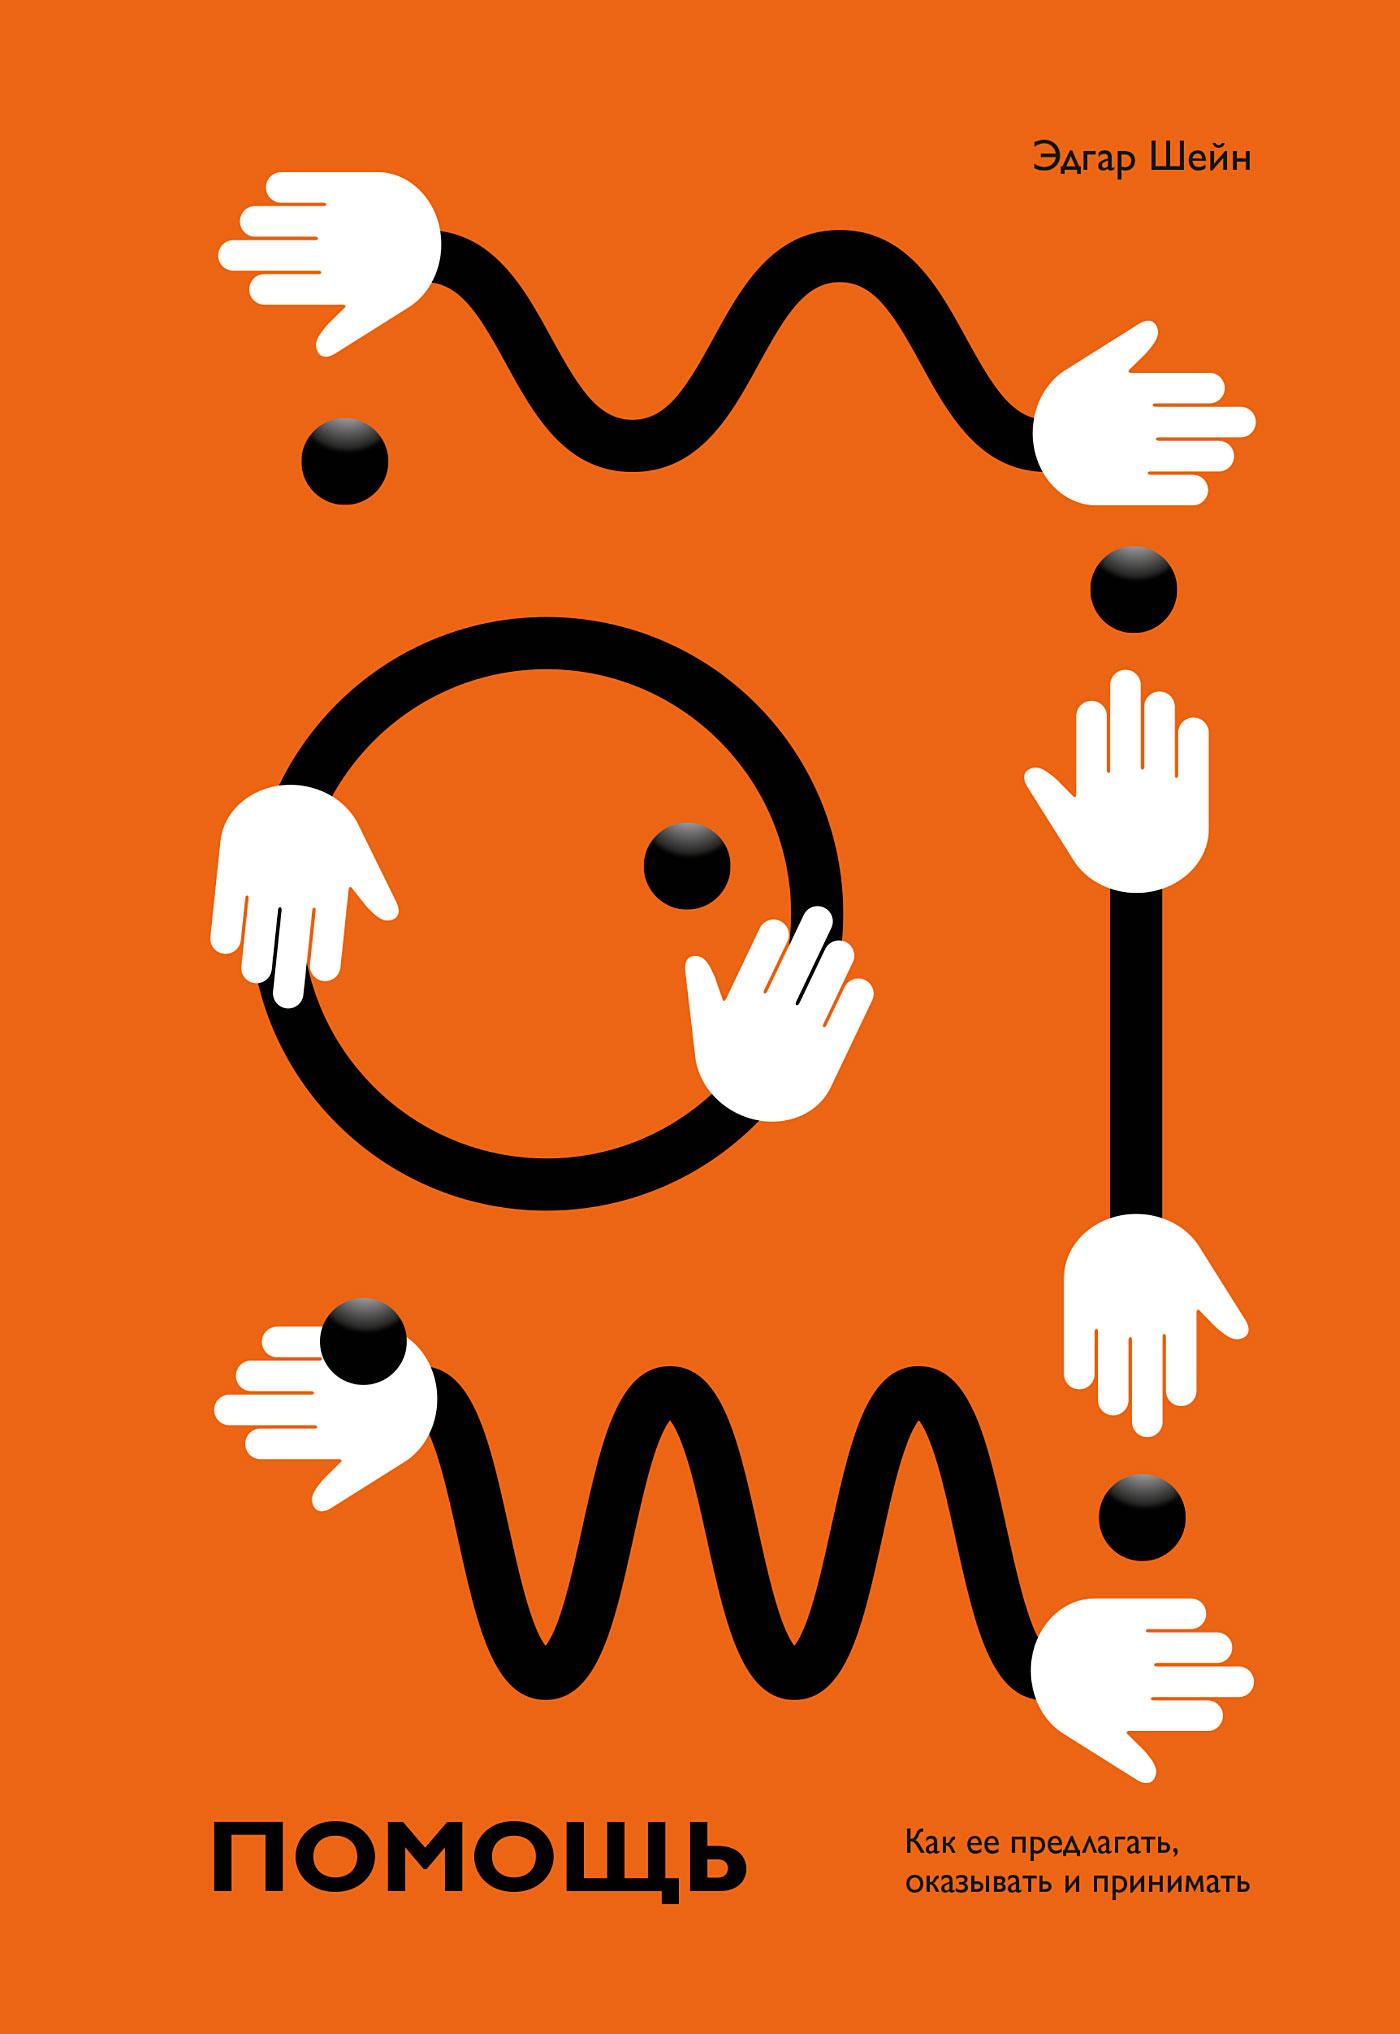 Обложка книги Помощь. Как ее предлагать, оказывать и принимать